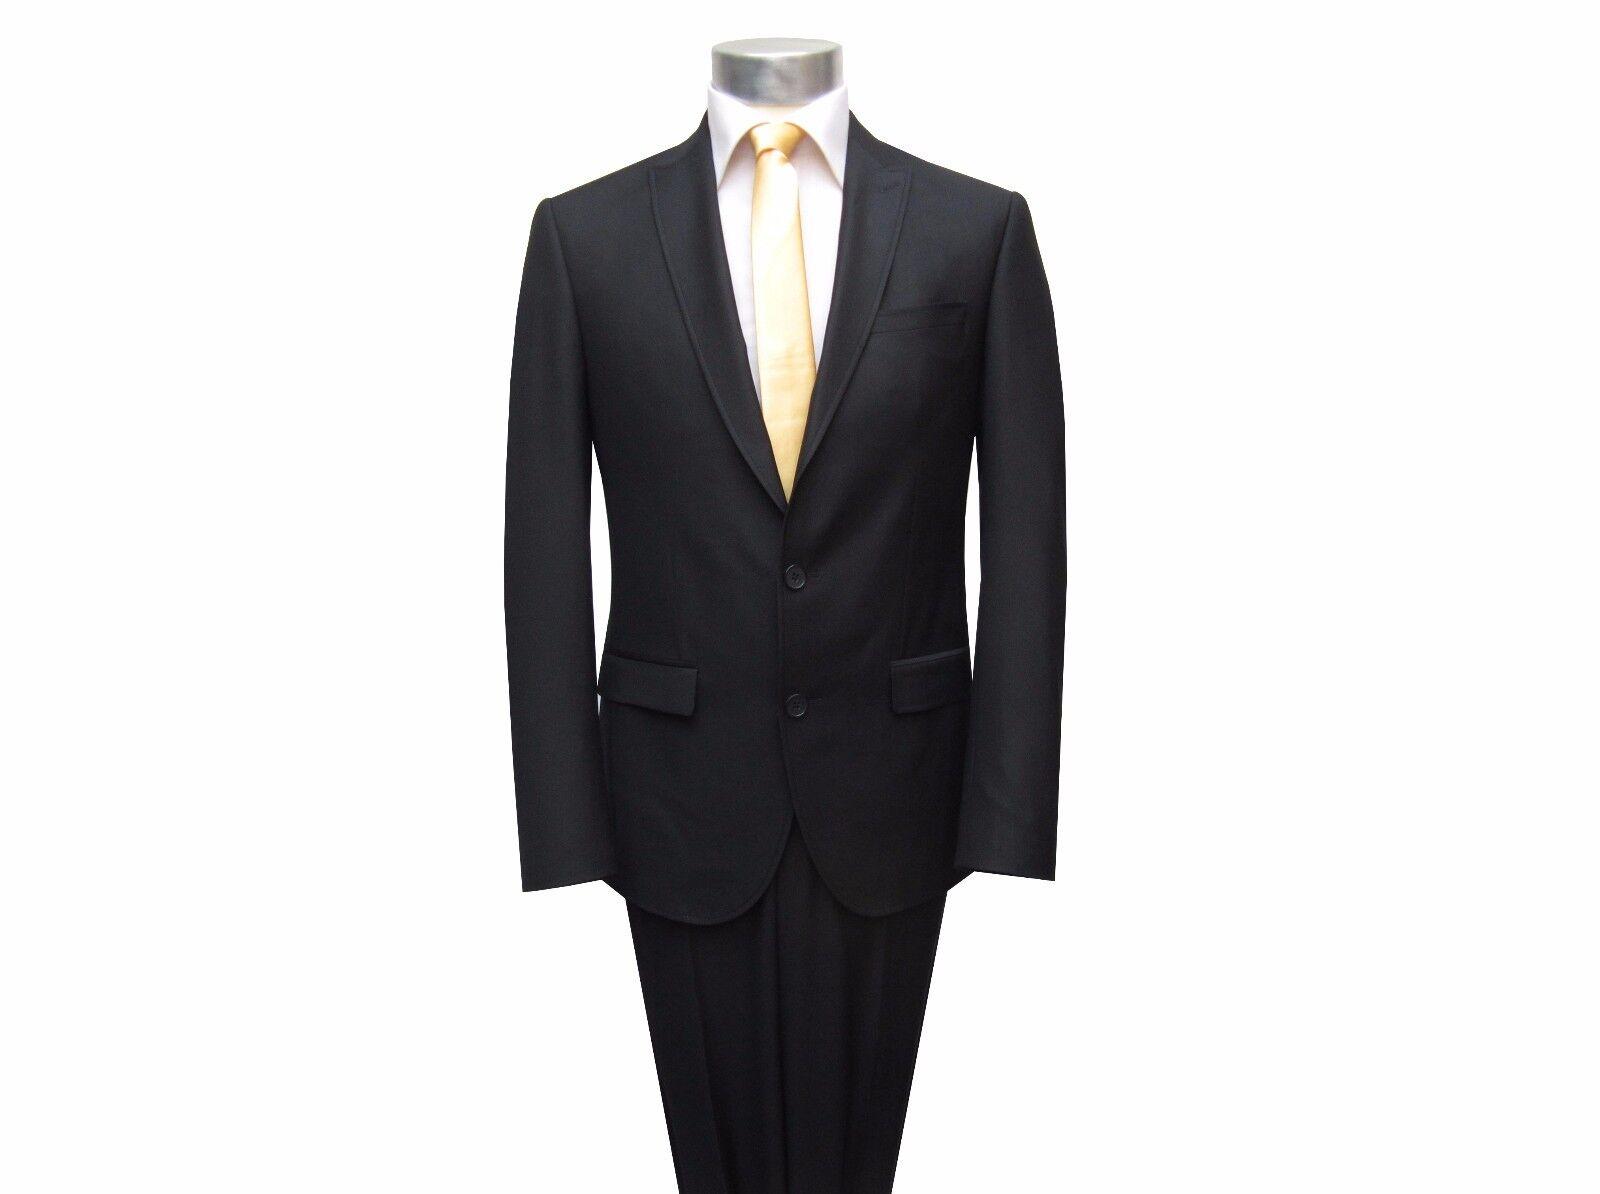 Taillierte Herren Anzug Anzug Anzug mit Weste Gr.58 Schwarz 0ee663